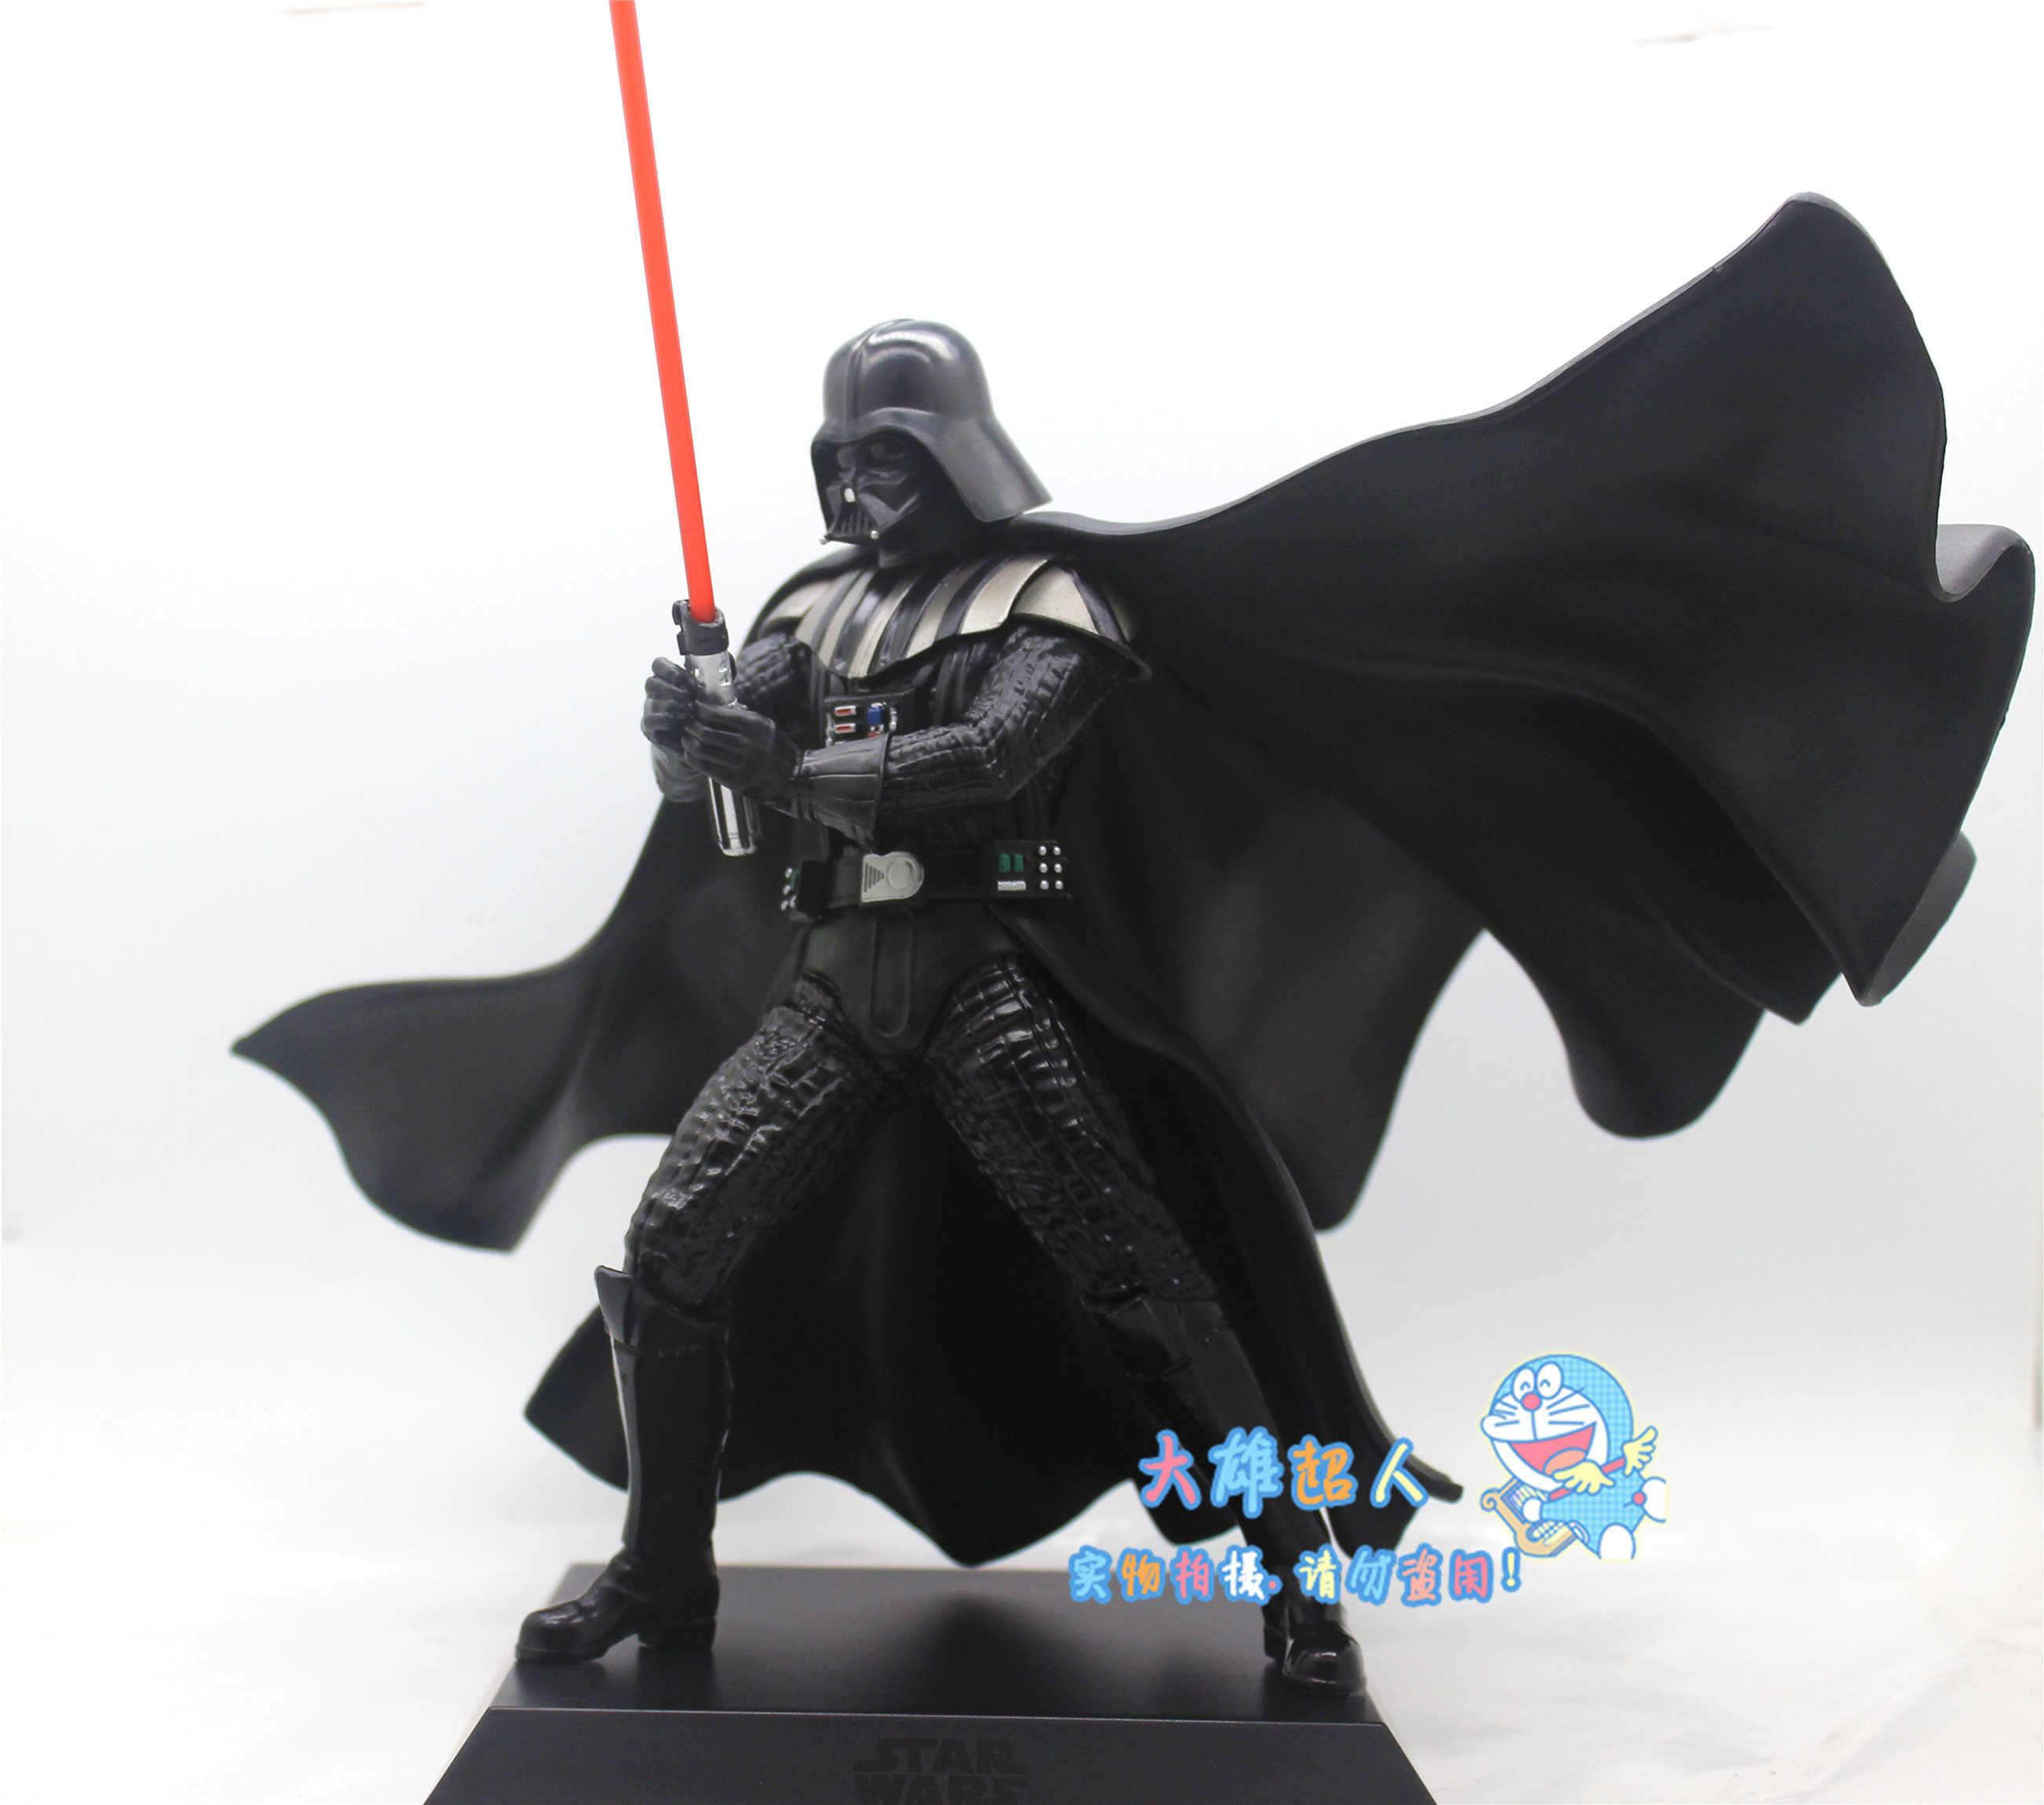 22 Cm Darth Vader Figure Star Wars LPM Aksi Anime Asli Figure PVC Model Koleksi Angka untuk Anak-anak 0.5en Mainan hadiah 0.5